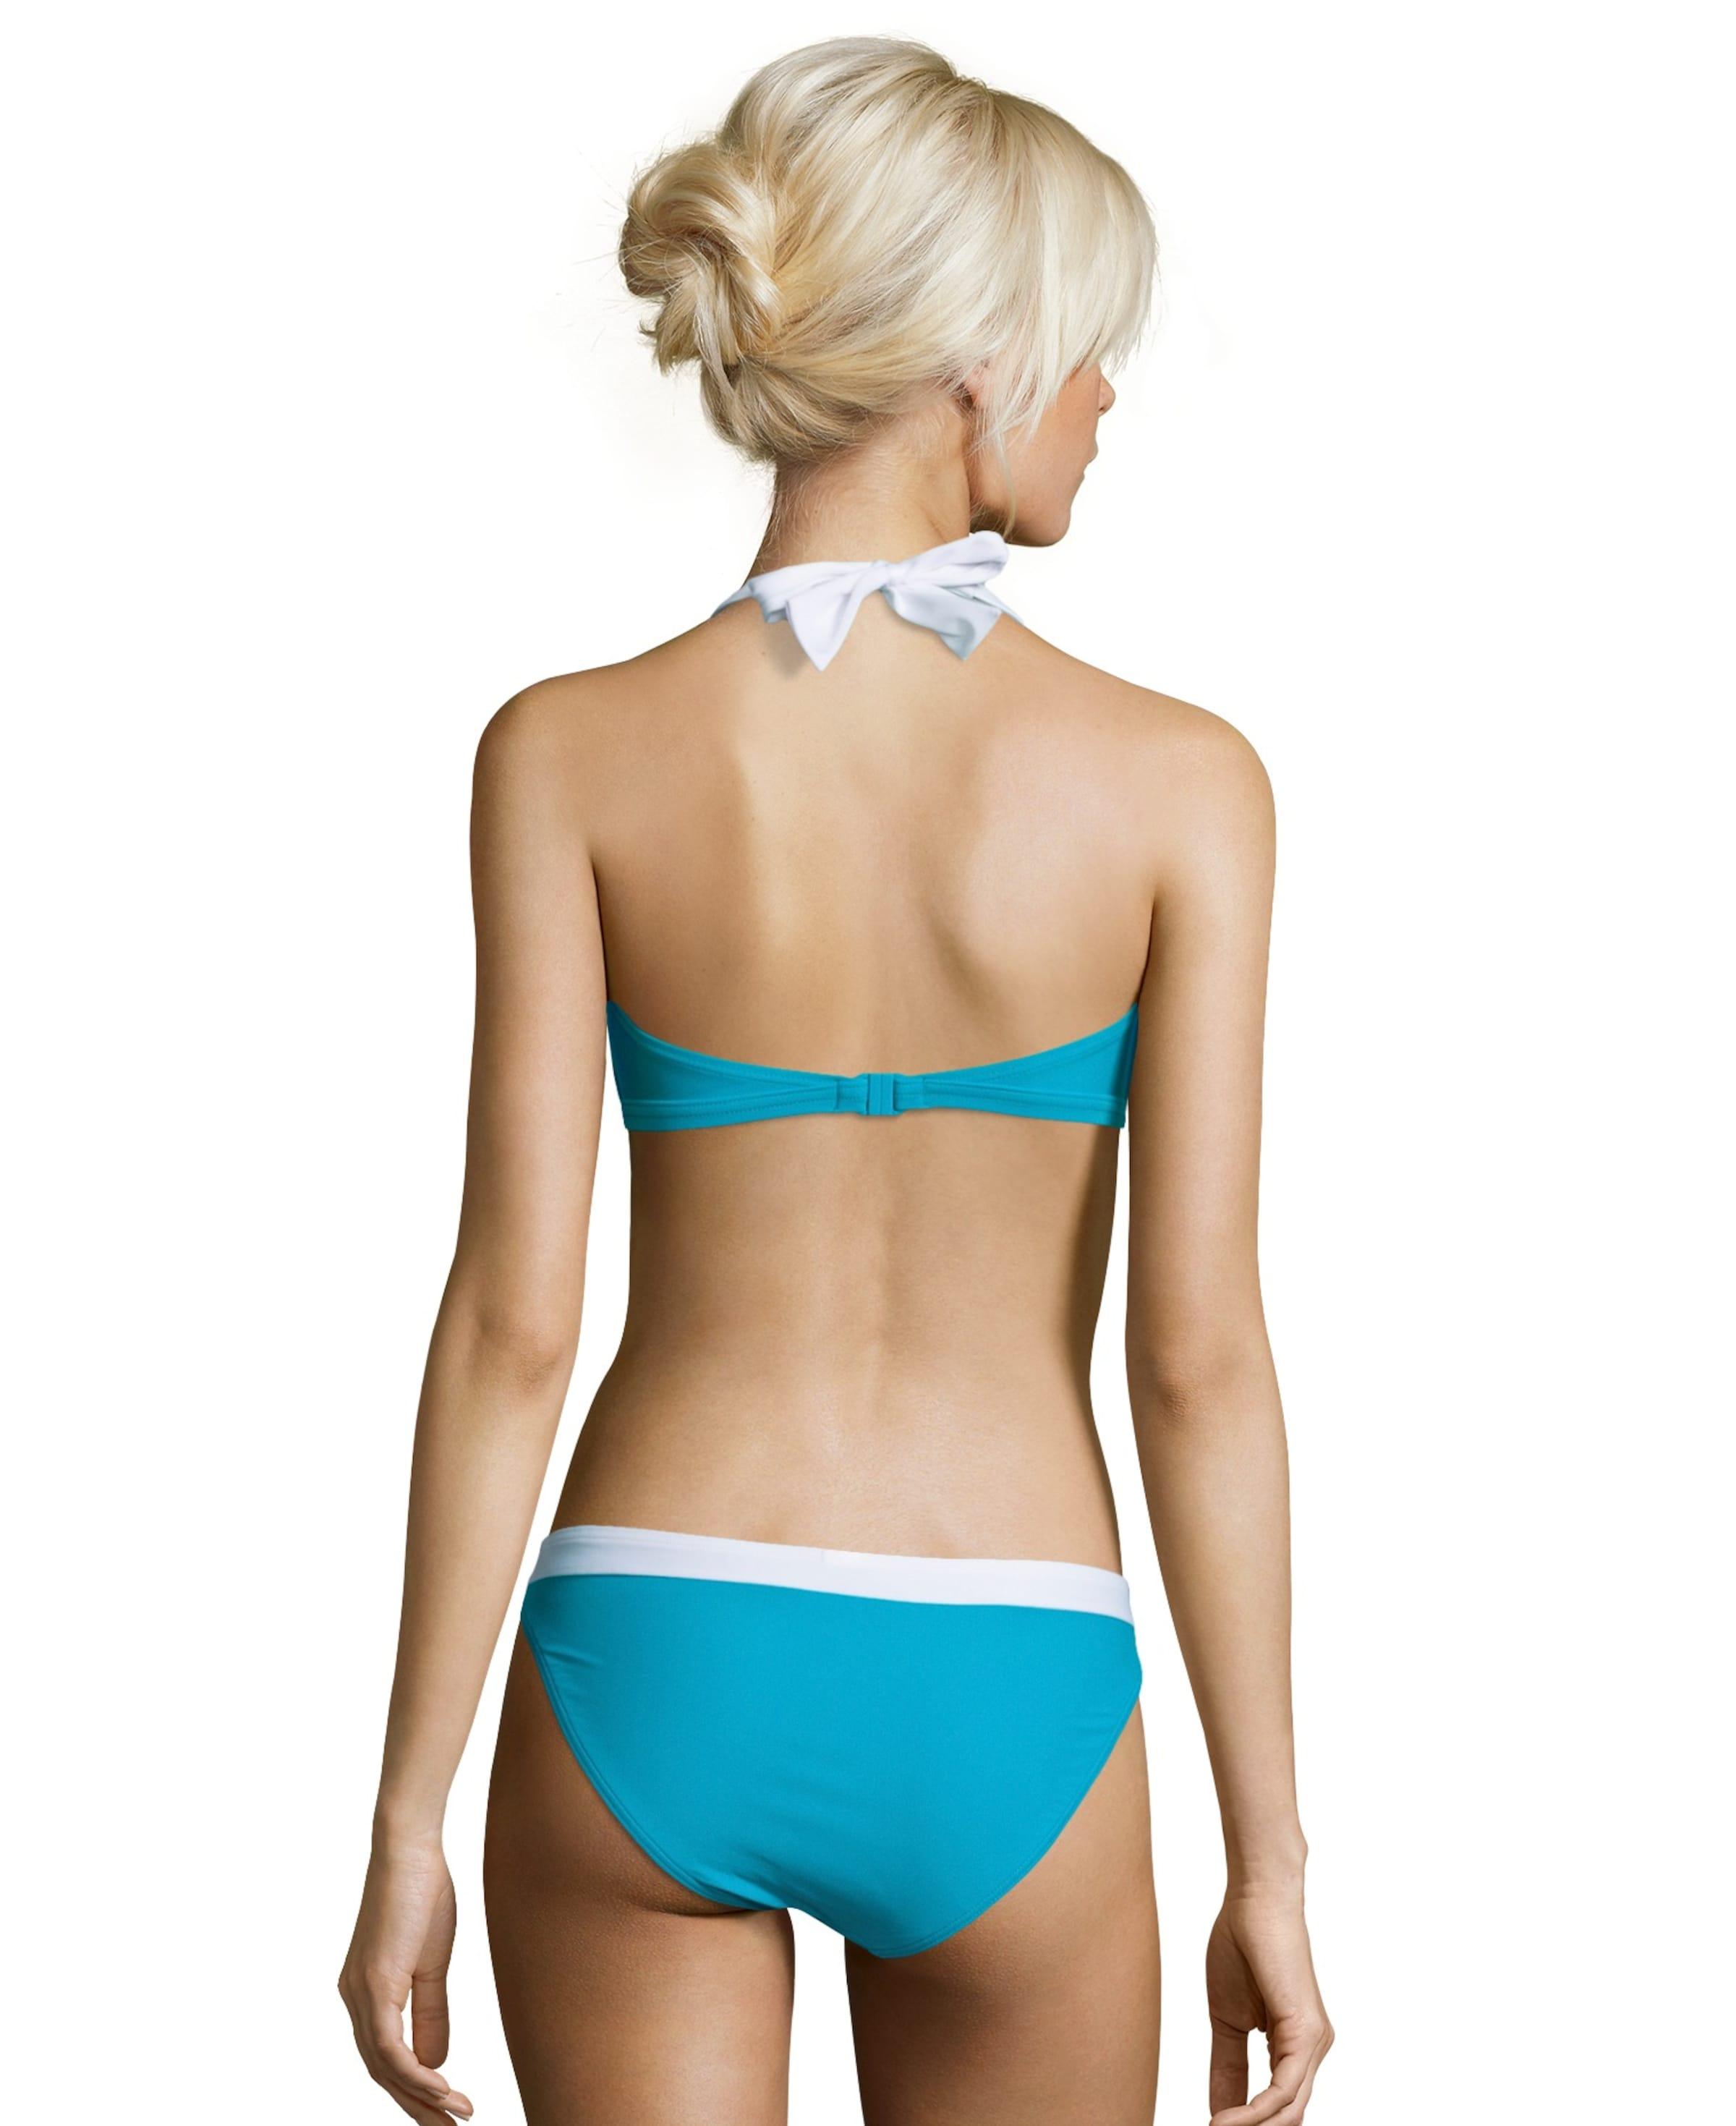 Spielraum Brandneue Unisex Countdown Paketverkauf Online LASCANA Bügel-Bandeau-Bikini Verkauf 2018 Freies Modernes Verschiffen Sammlungen Online qtVX4B